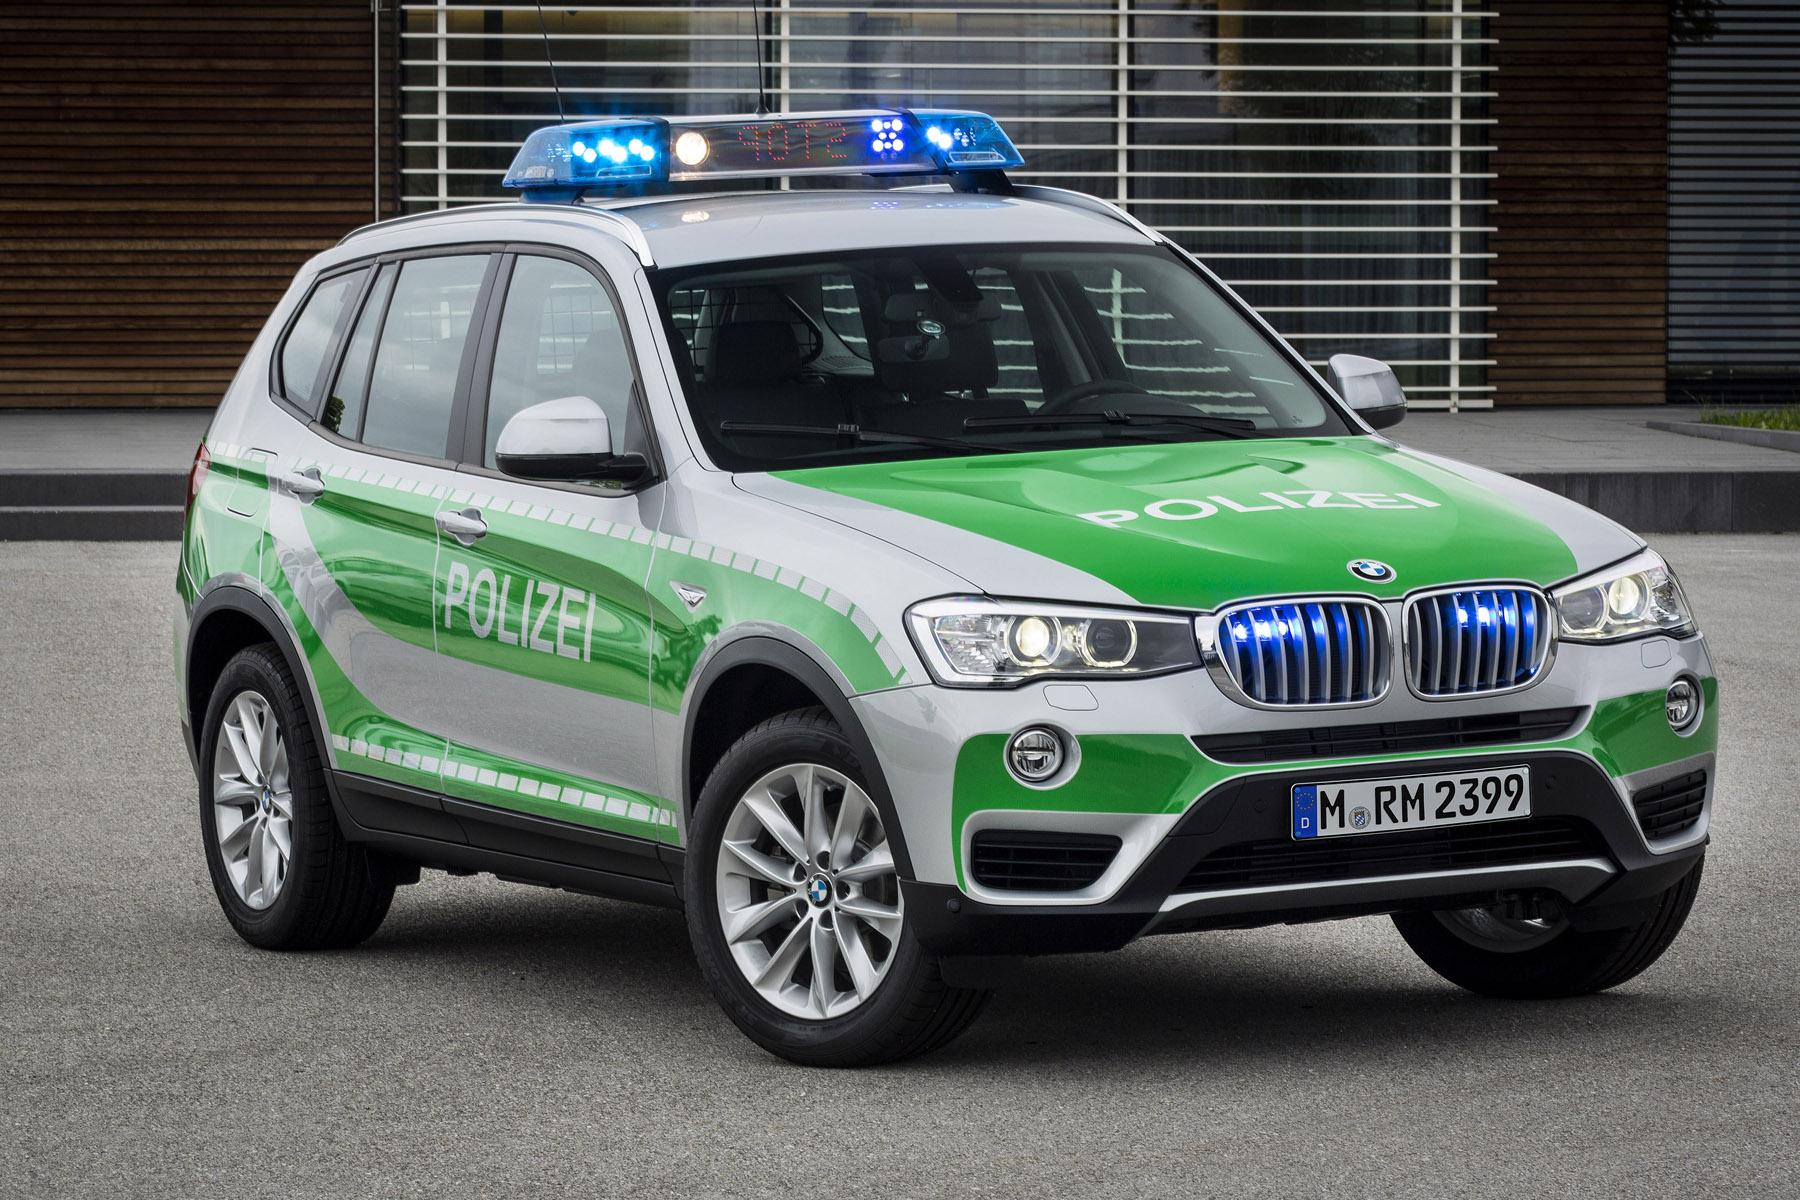 2014 BMW X3 xDrive20d Police